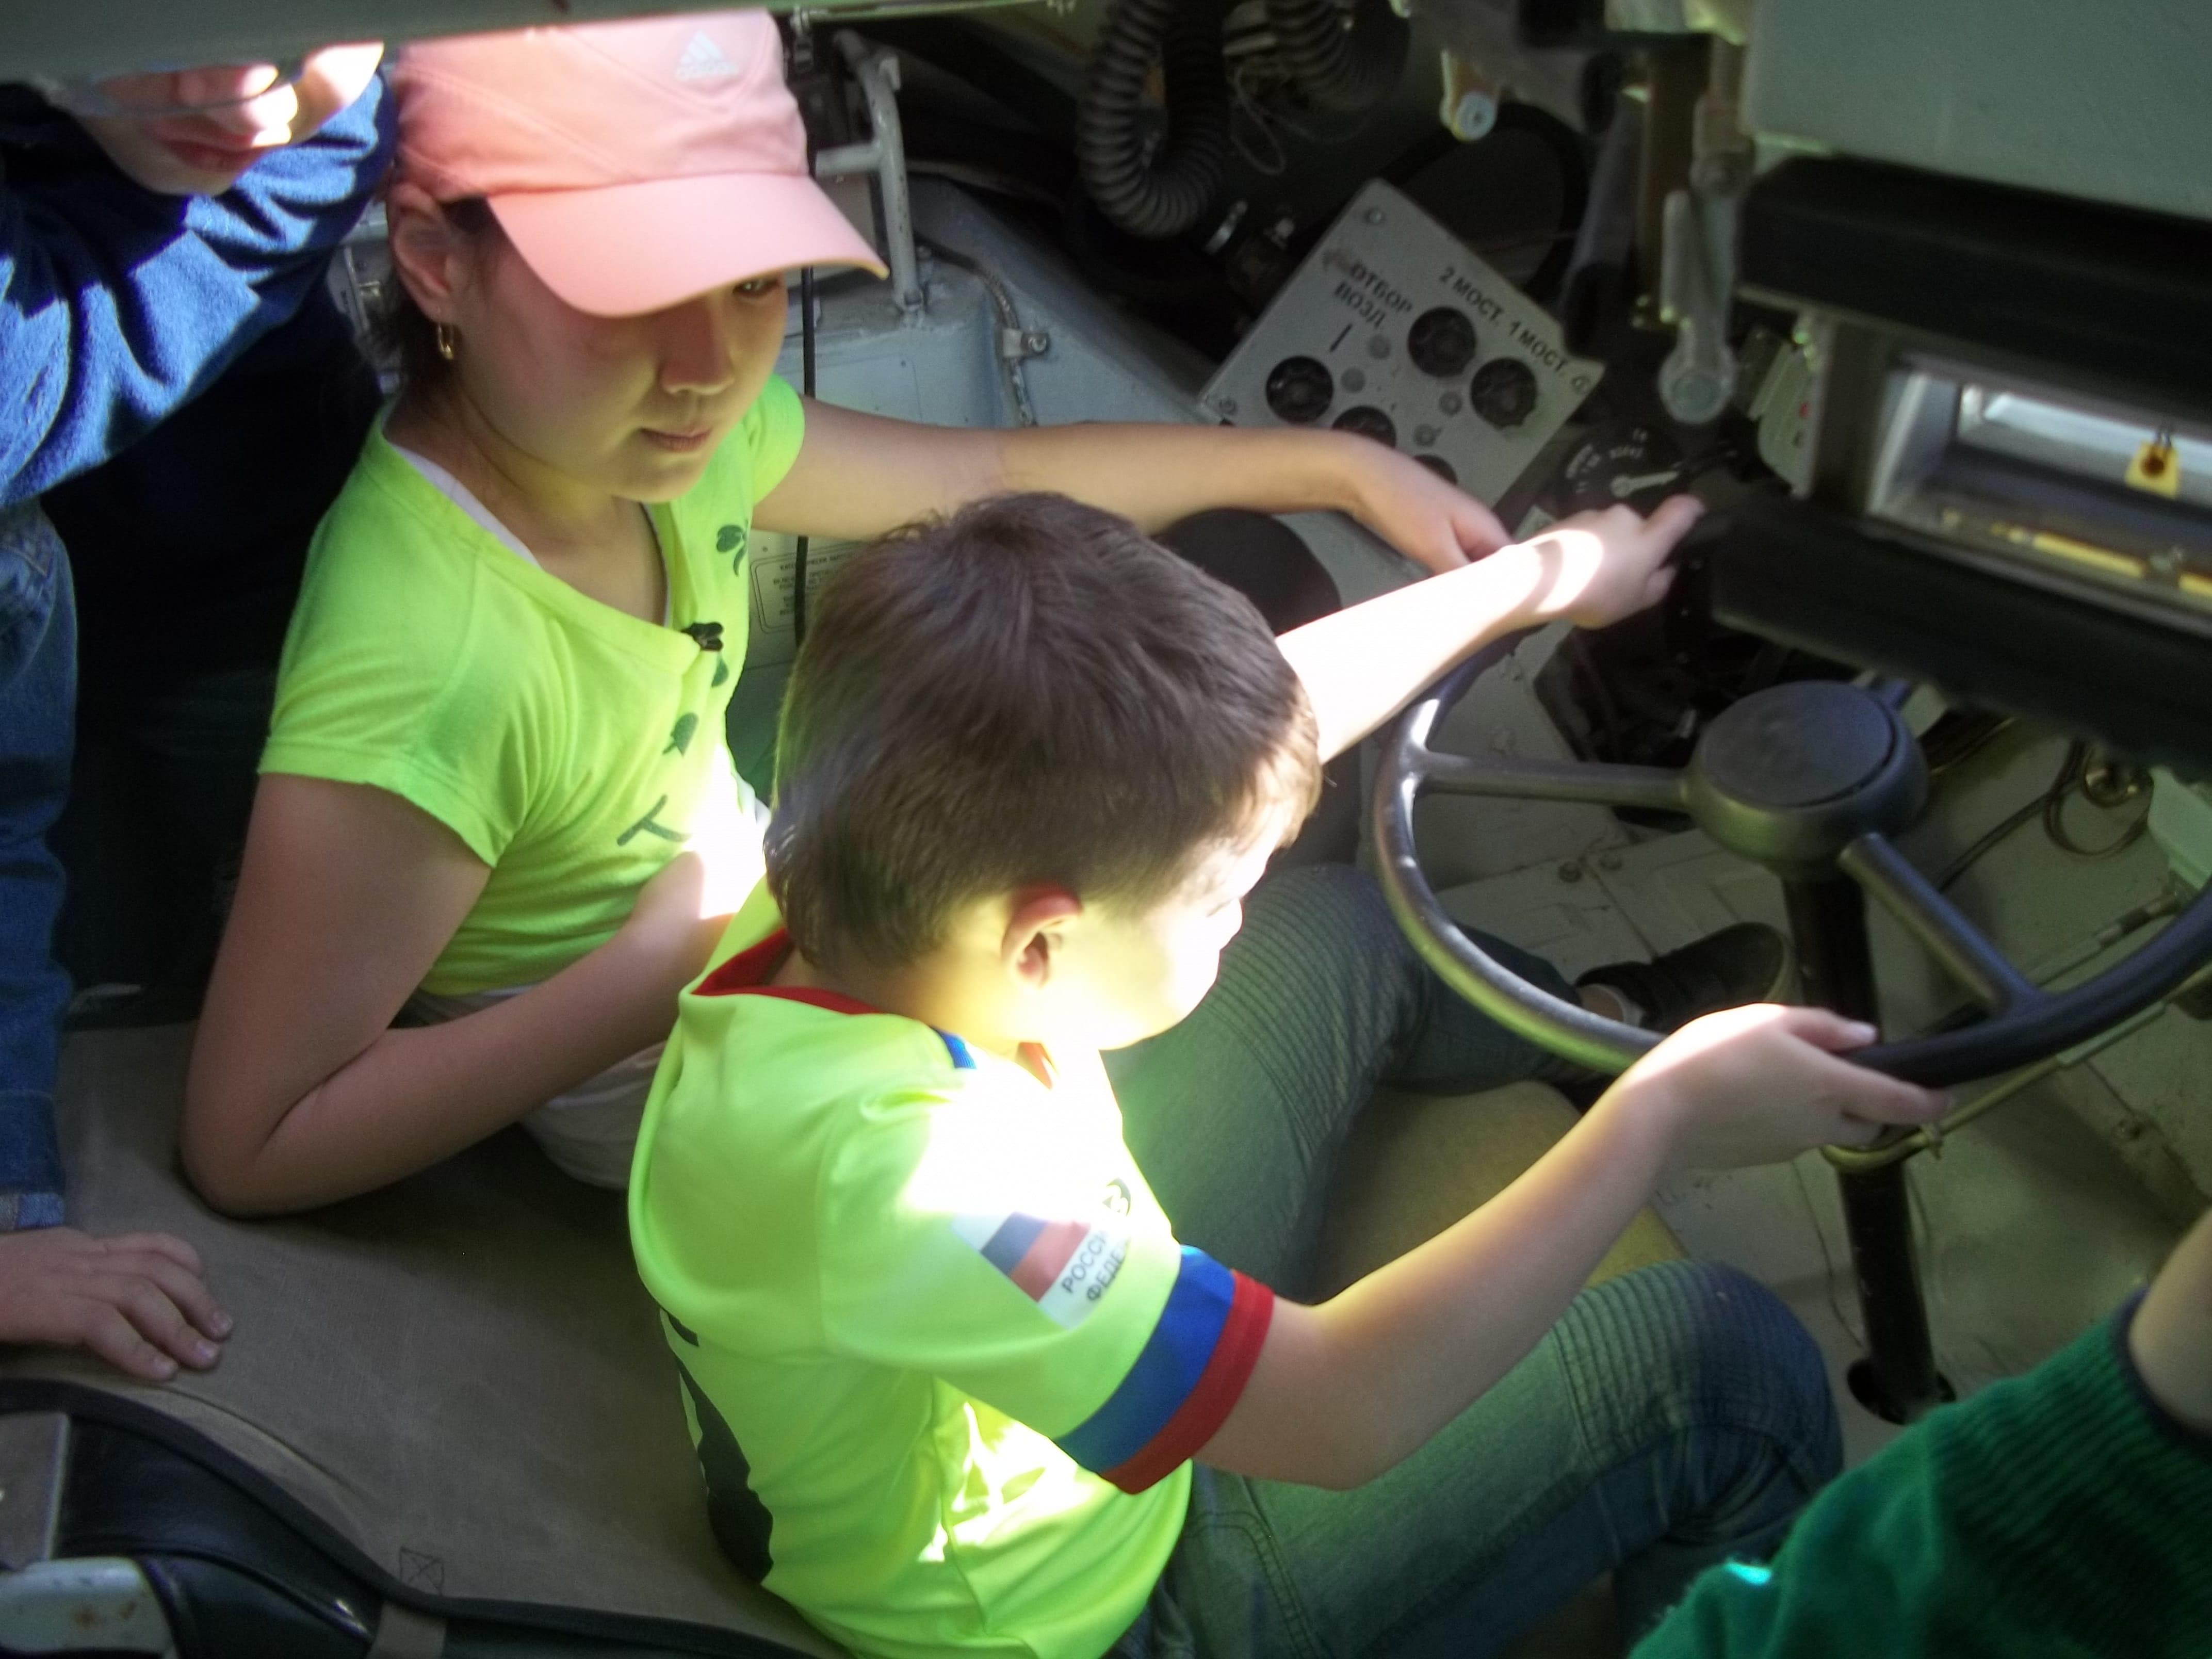 Экскурсия на авиационной базе ОДКБ «Кант» для учащихся образовательной комплекс-гимназии «Эврика»